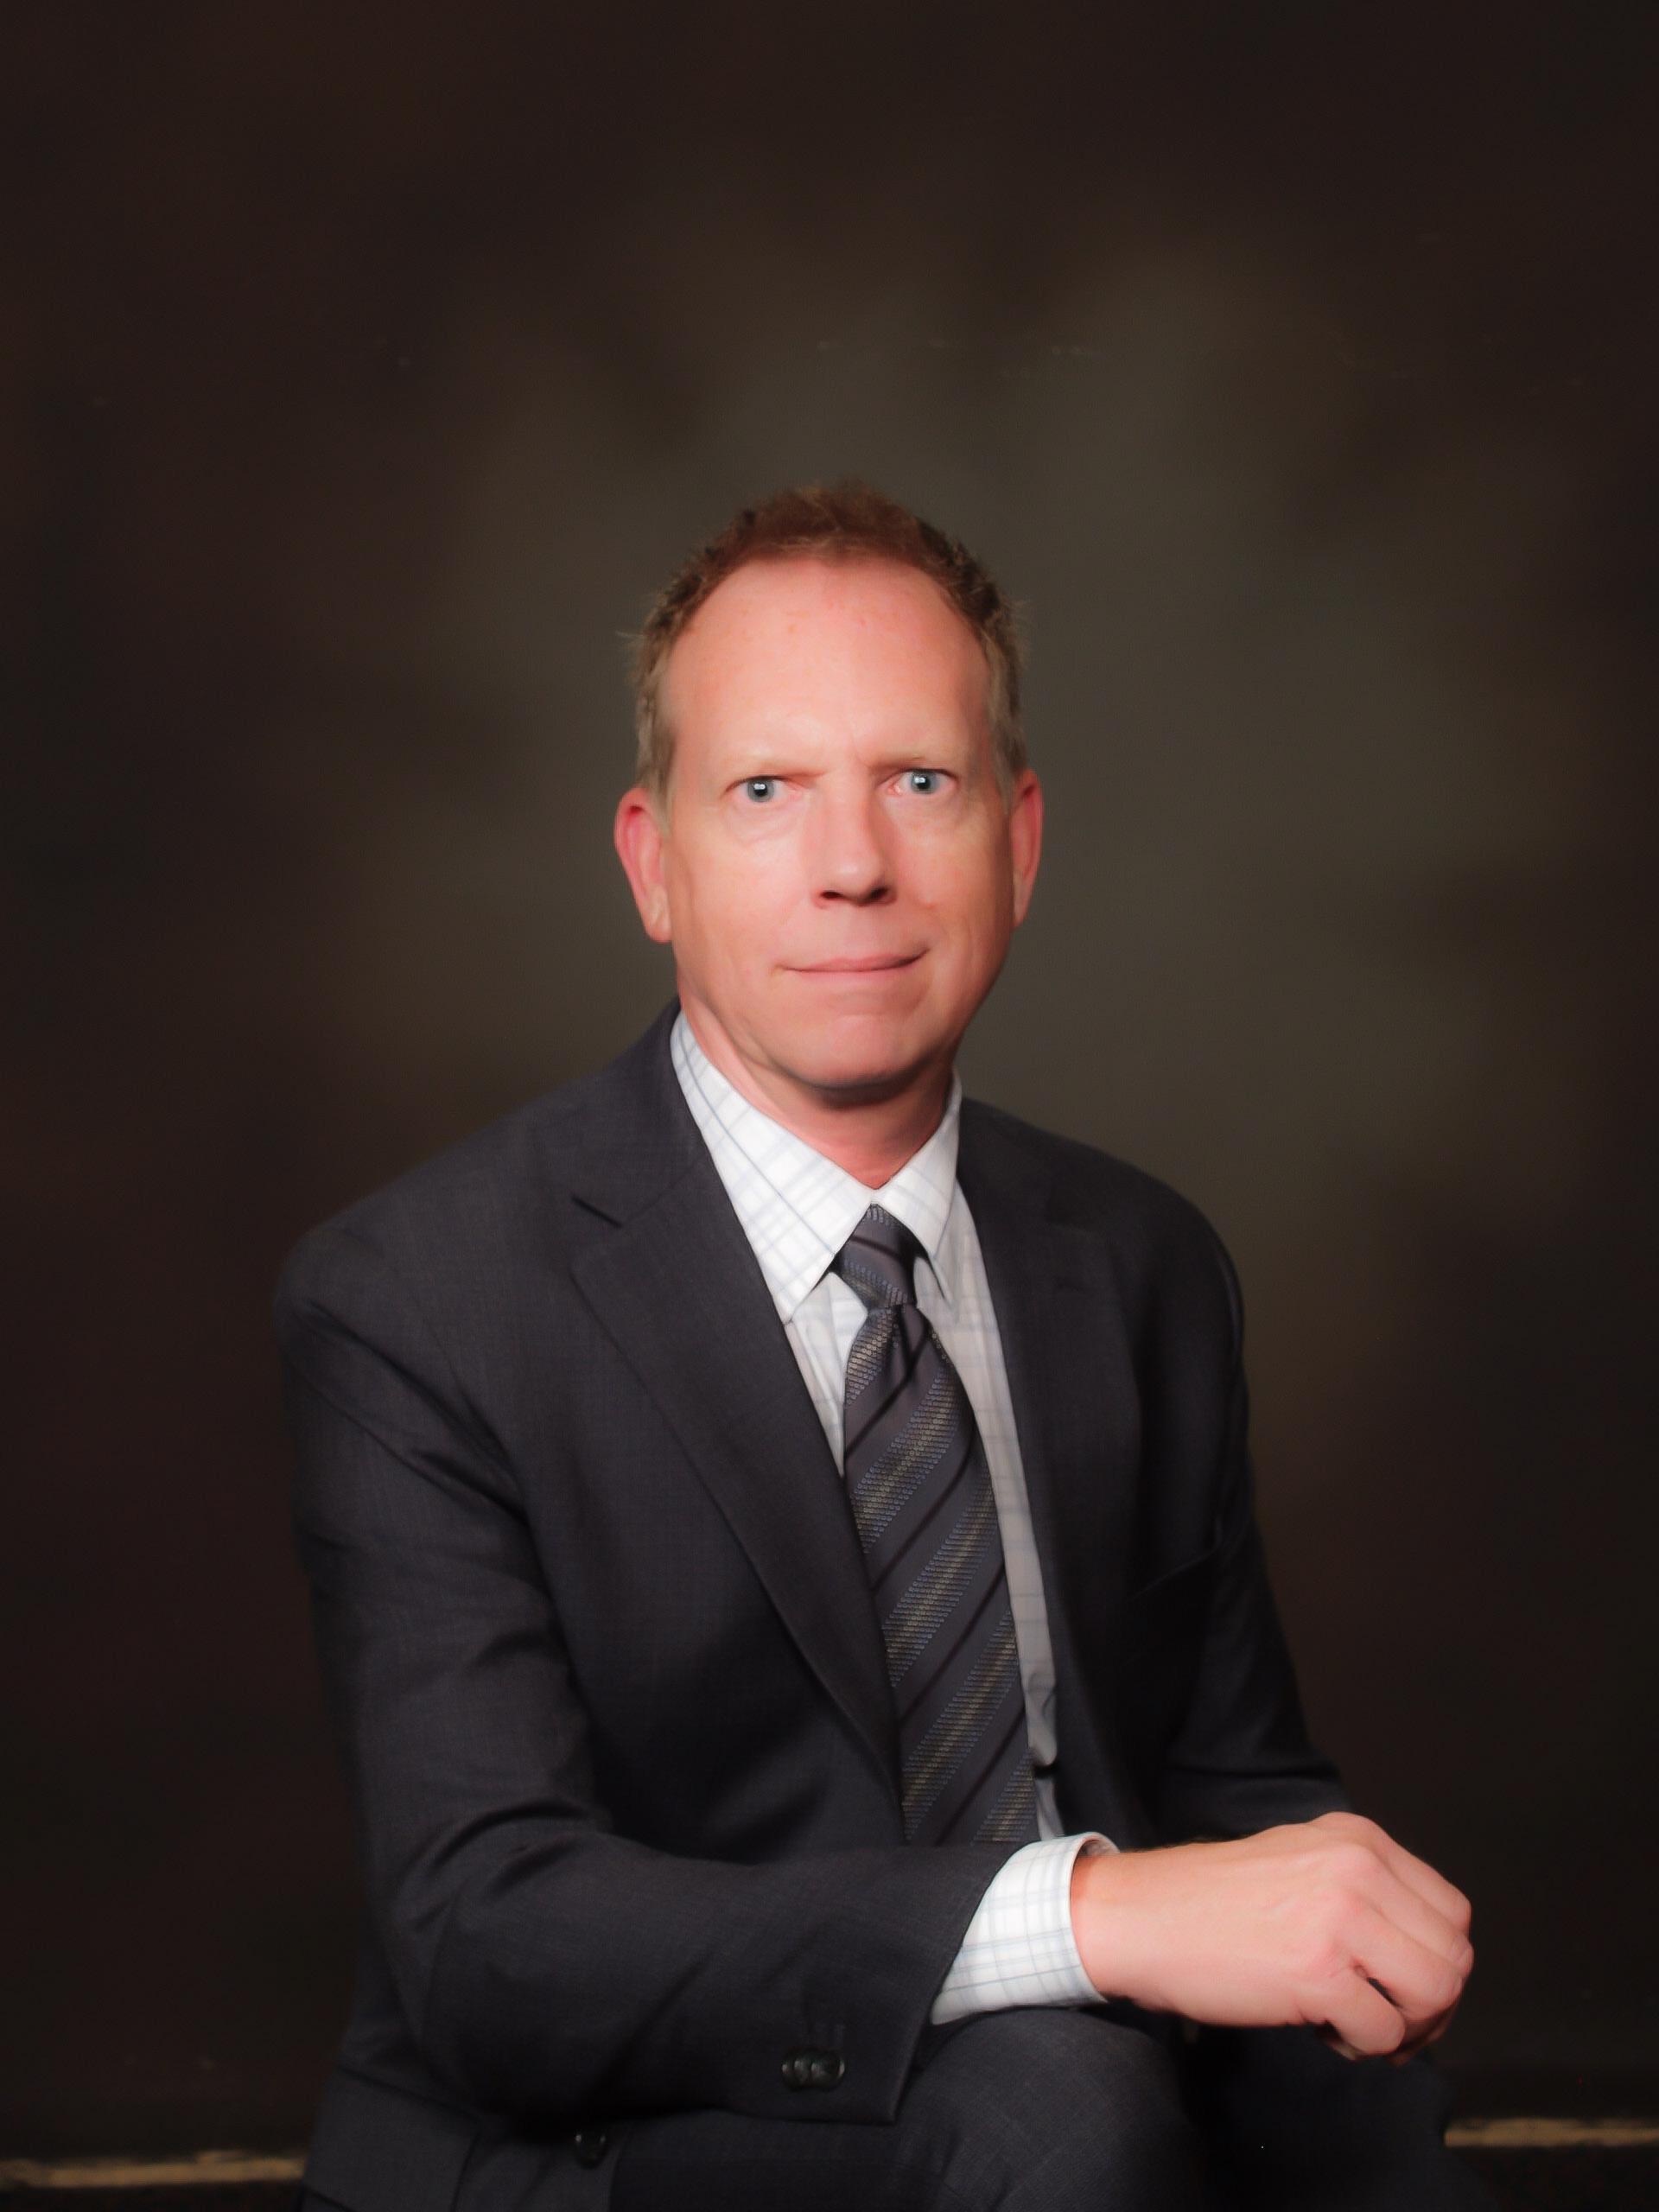 ALLAN E. ROBIN Financial Professional & Insurance Agent